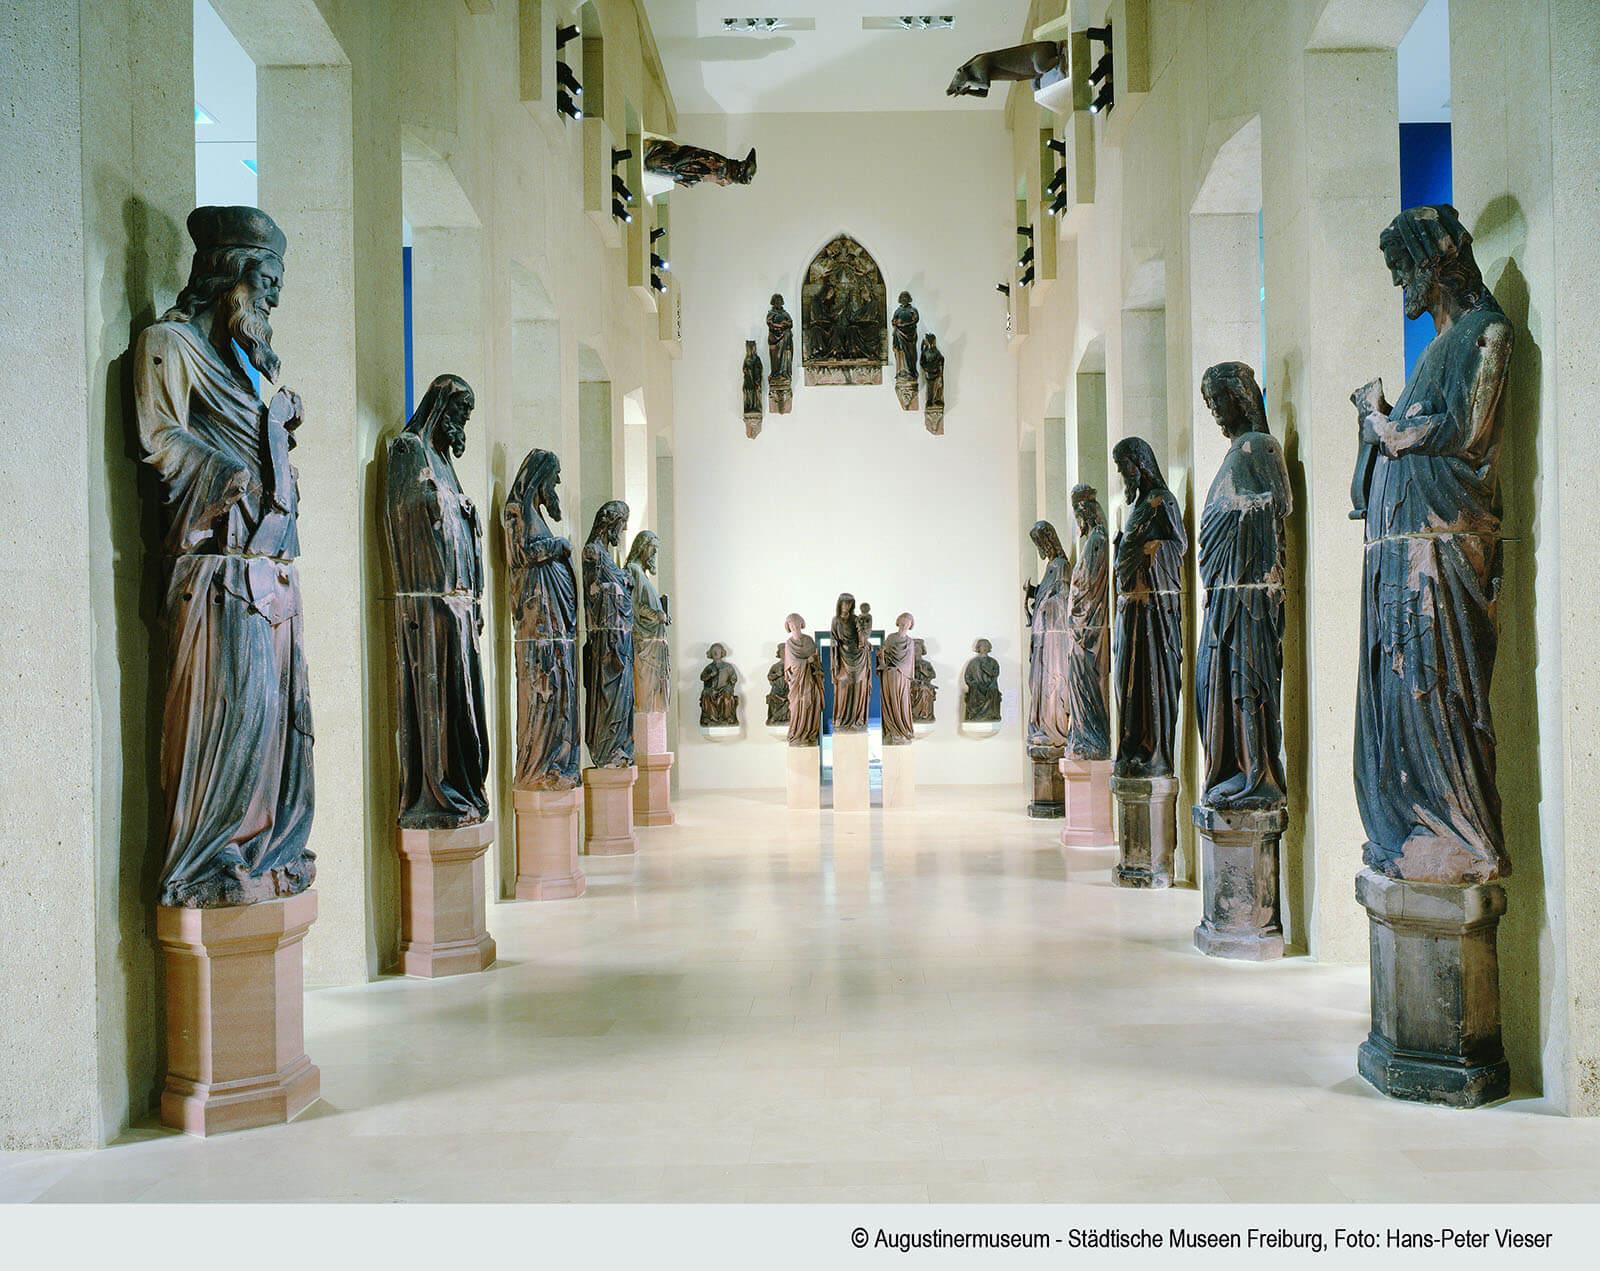 Skulpturenhalle im Augustinermuseum Freiburg